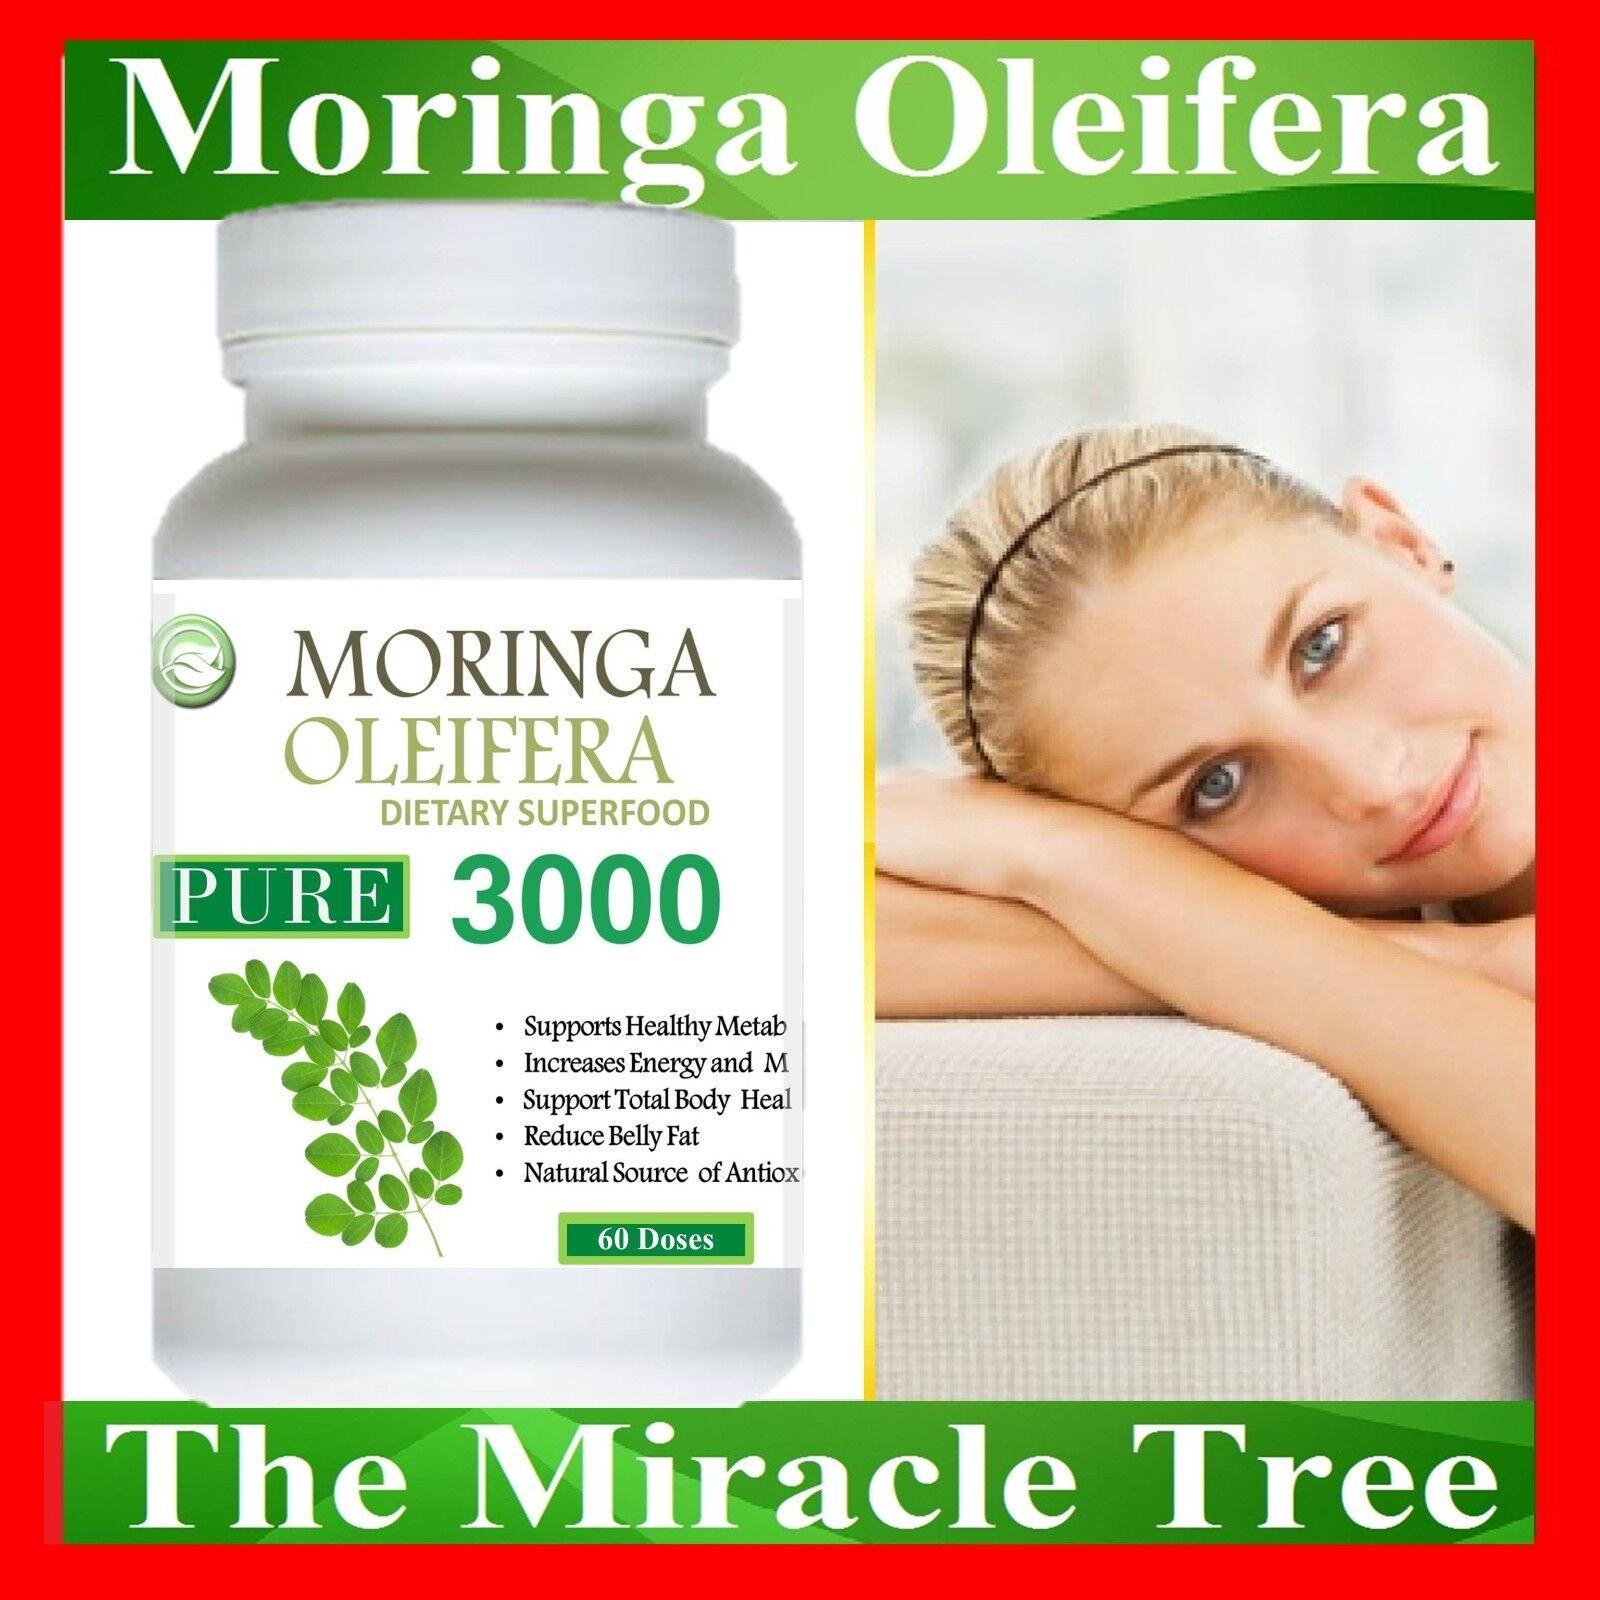 4X BOTTLE OF Moringa Oleifera Vegetarian 240 Doses NATURAL ORGANIC SUPERFOOD